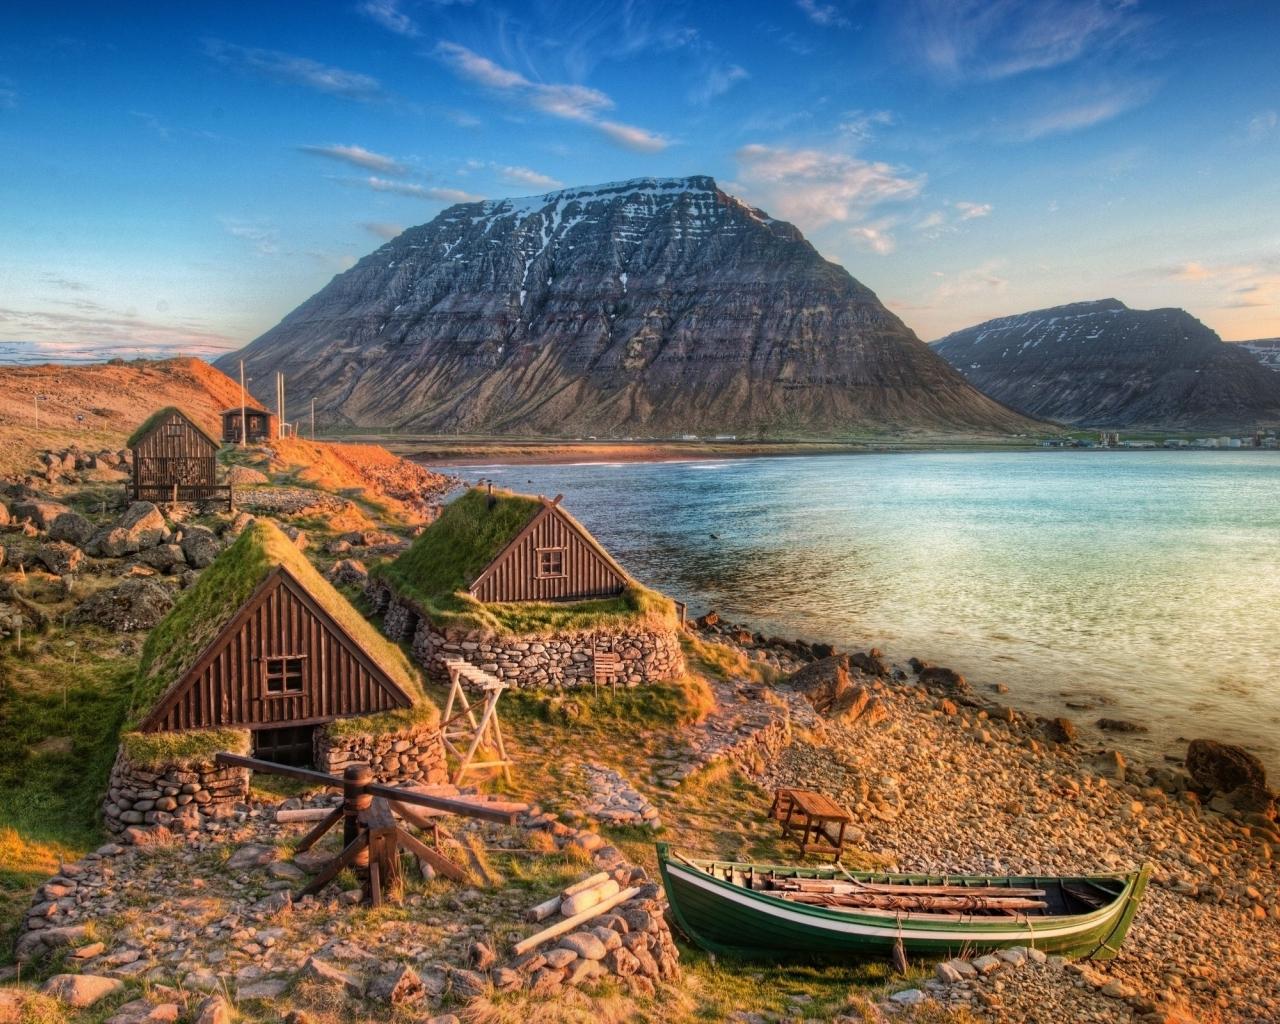 Скачать картинку Пейзаж, Дома, Горы, Море, Лодки в телефон бесплатно.